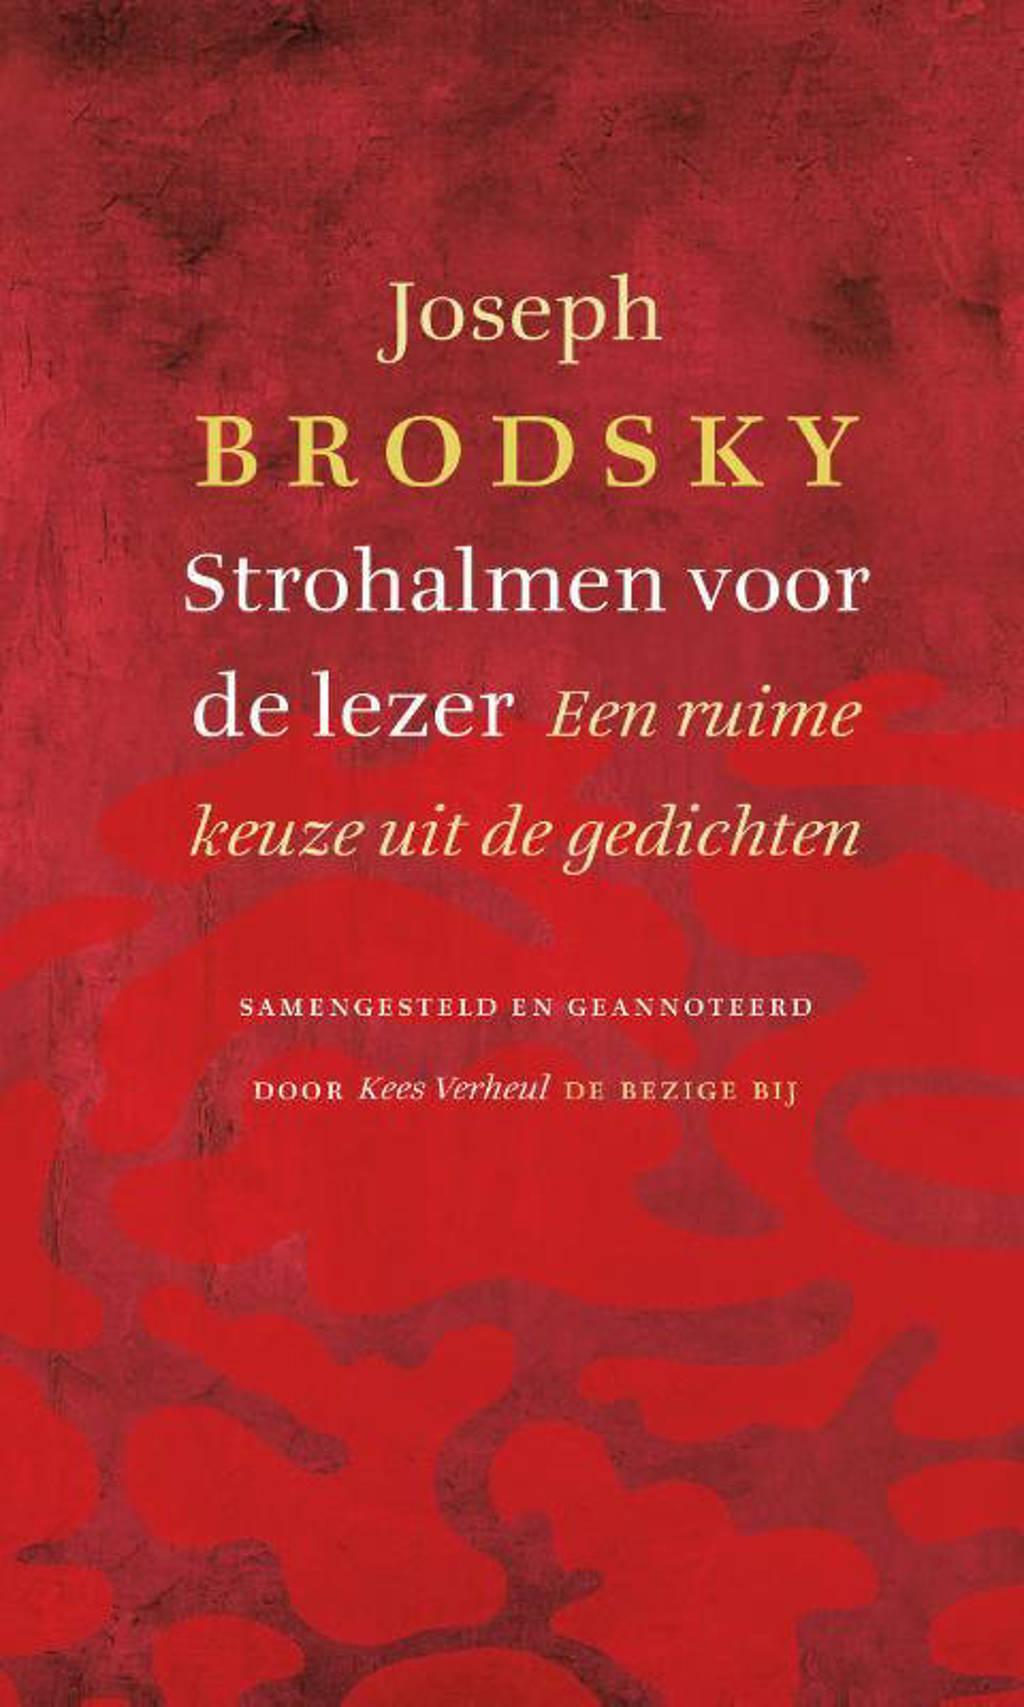 Strohalmen voor de lezer - Joseph Brodsky